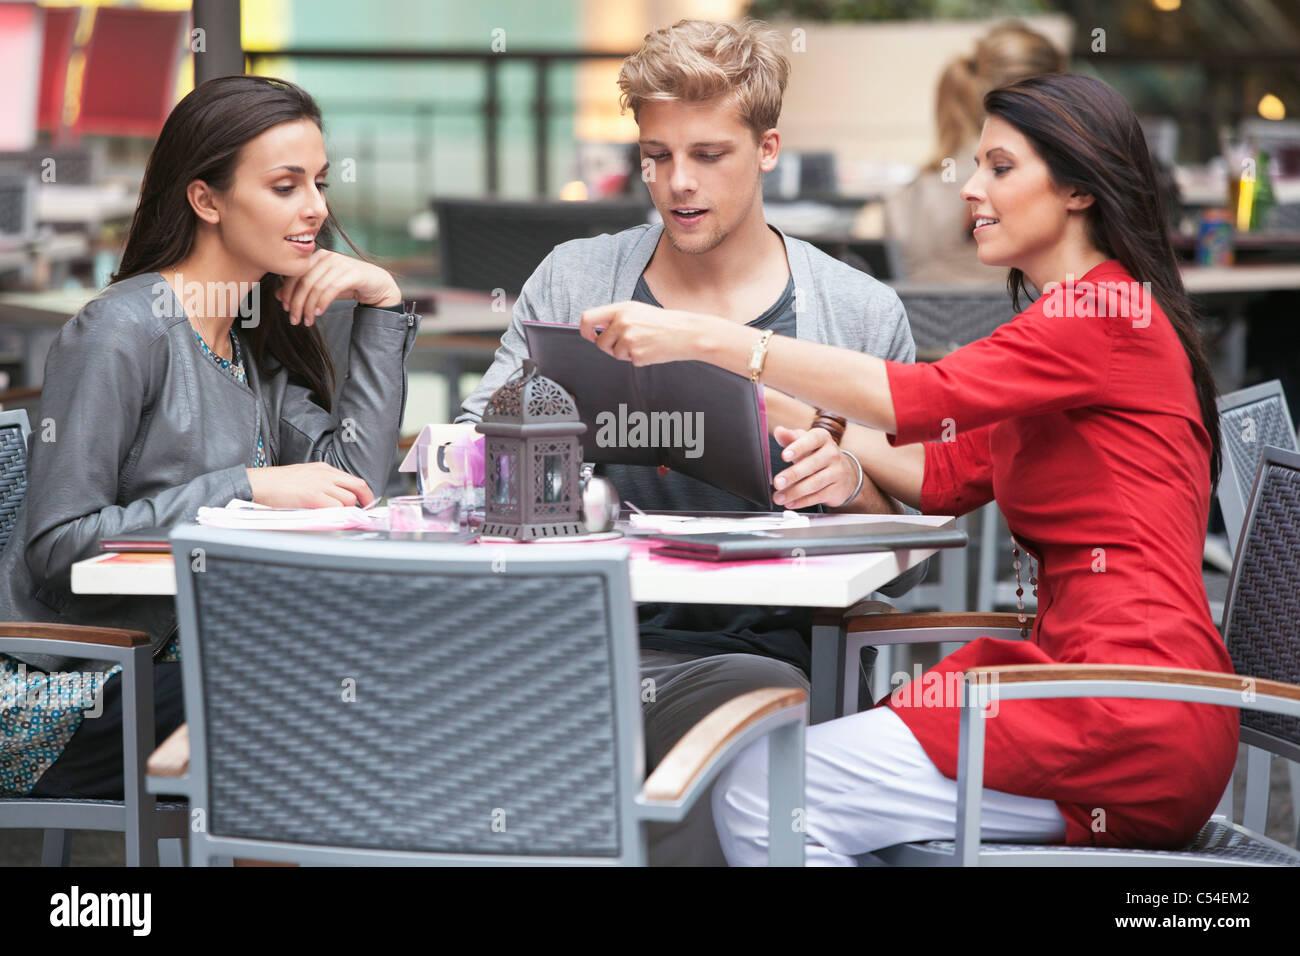 Junger Mann mit zwei jungen Frauen Blick auf die Speisekarte in einem restaurant Stockfoto